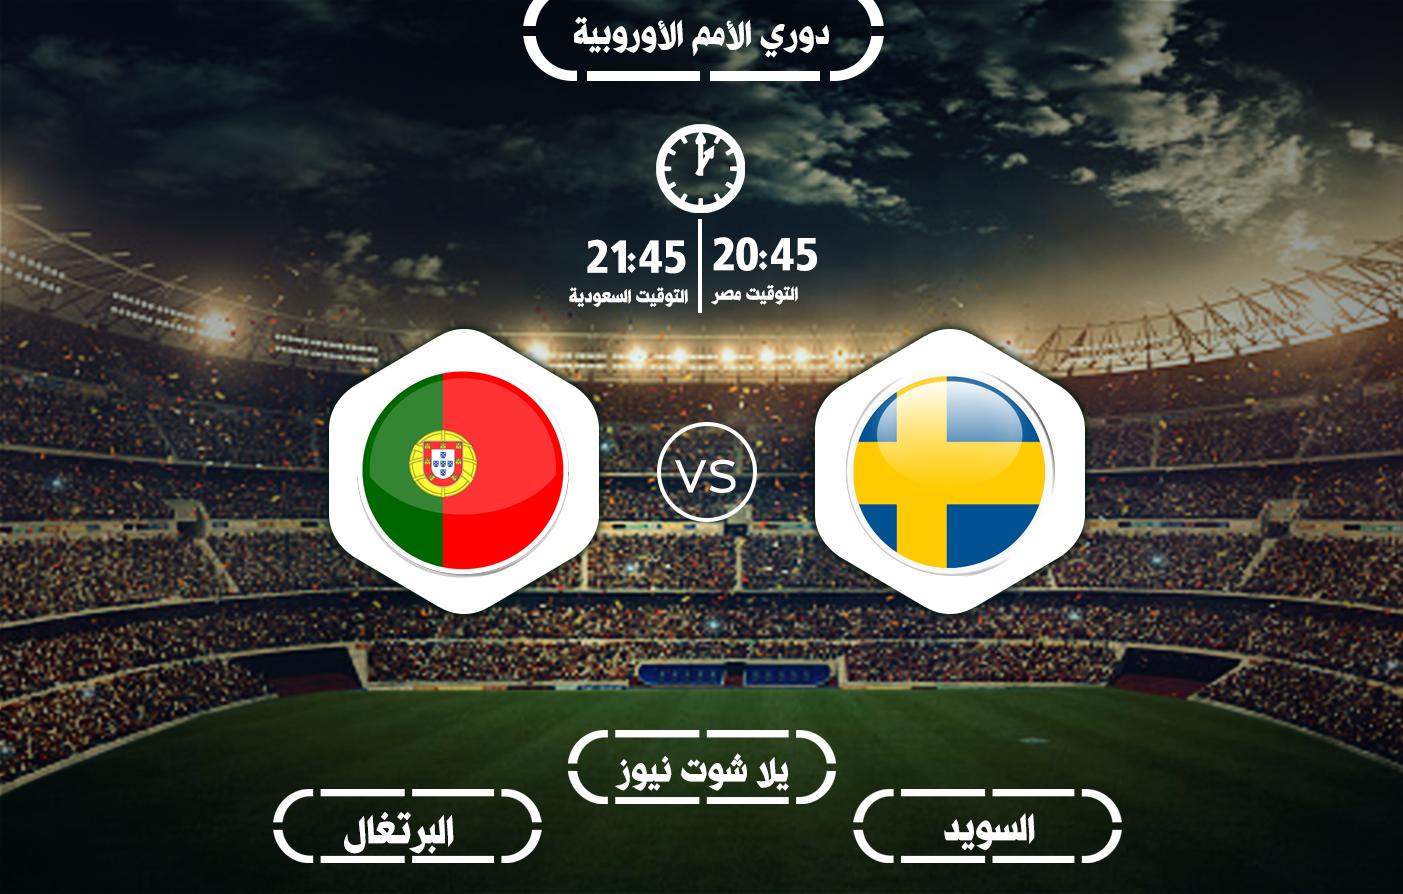 مشاهدة مباراة البرتغال والسويد بث مباشر اليوم الثلاثاء 8-9-2020 يلا شوت الجديد